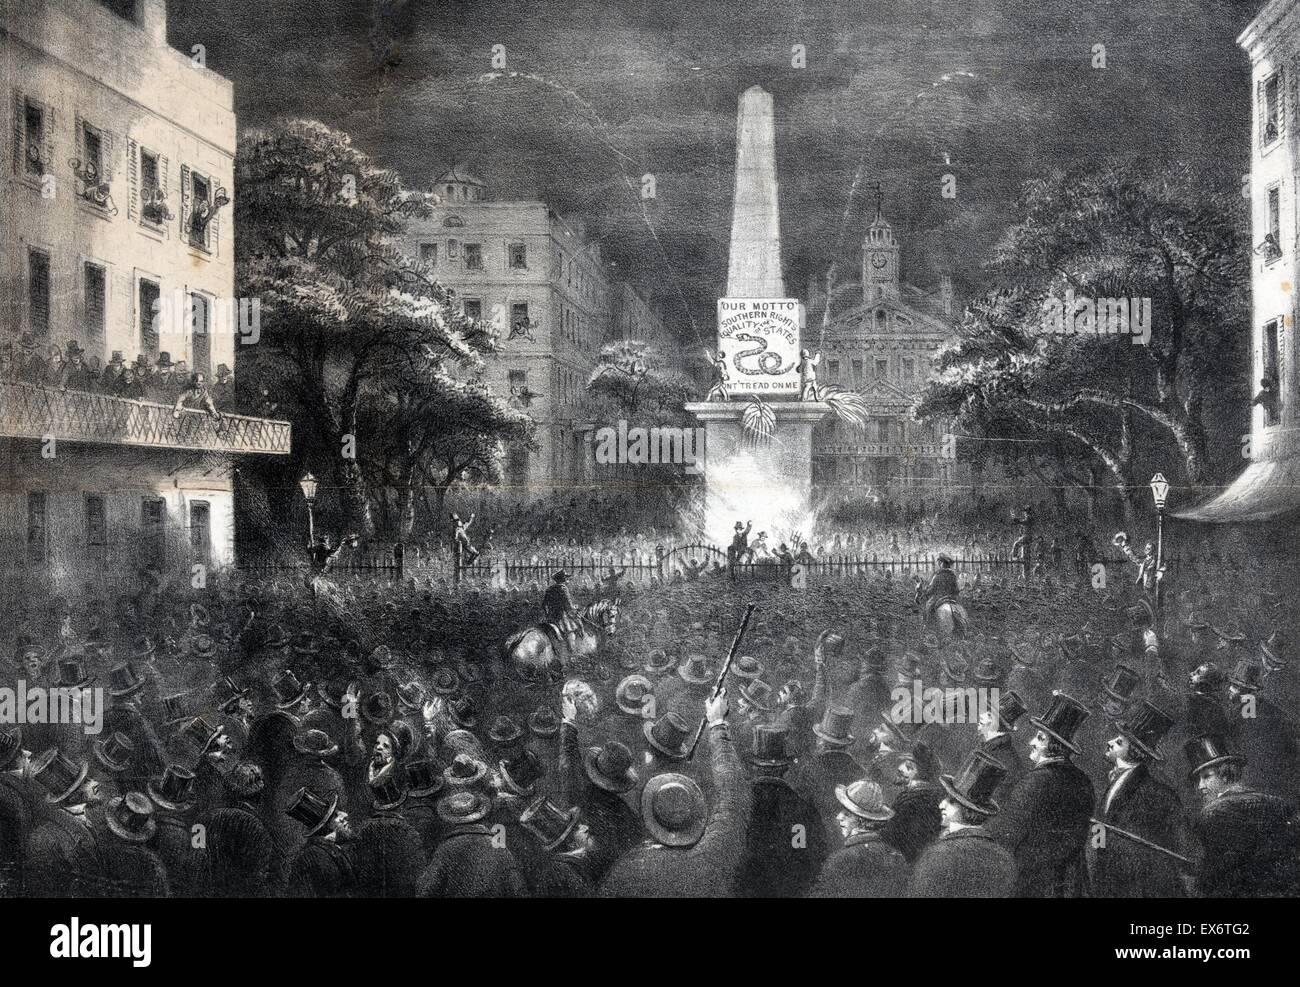 La prima bandiera dell'indipendenza sollevato nel sud, dai cittadini di Savannah, Ga. Novembre 8th, 1860. Una vista Foto Stock